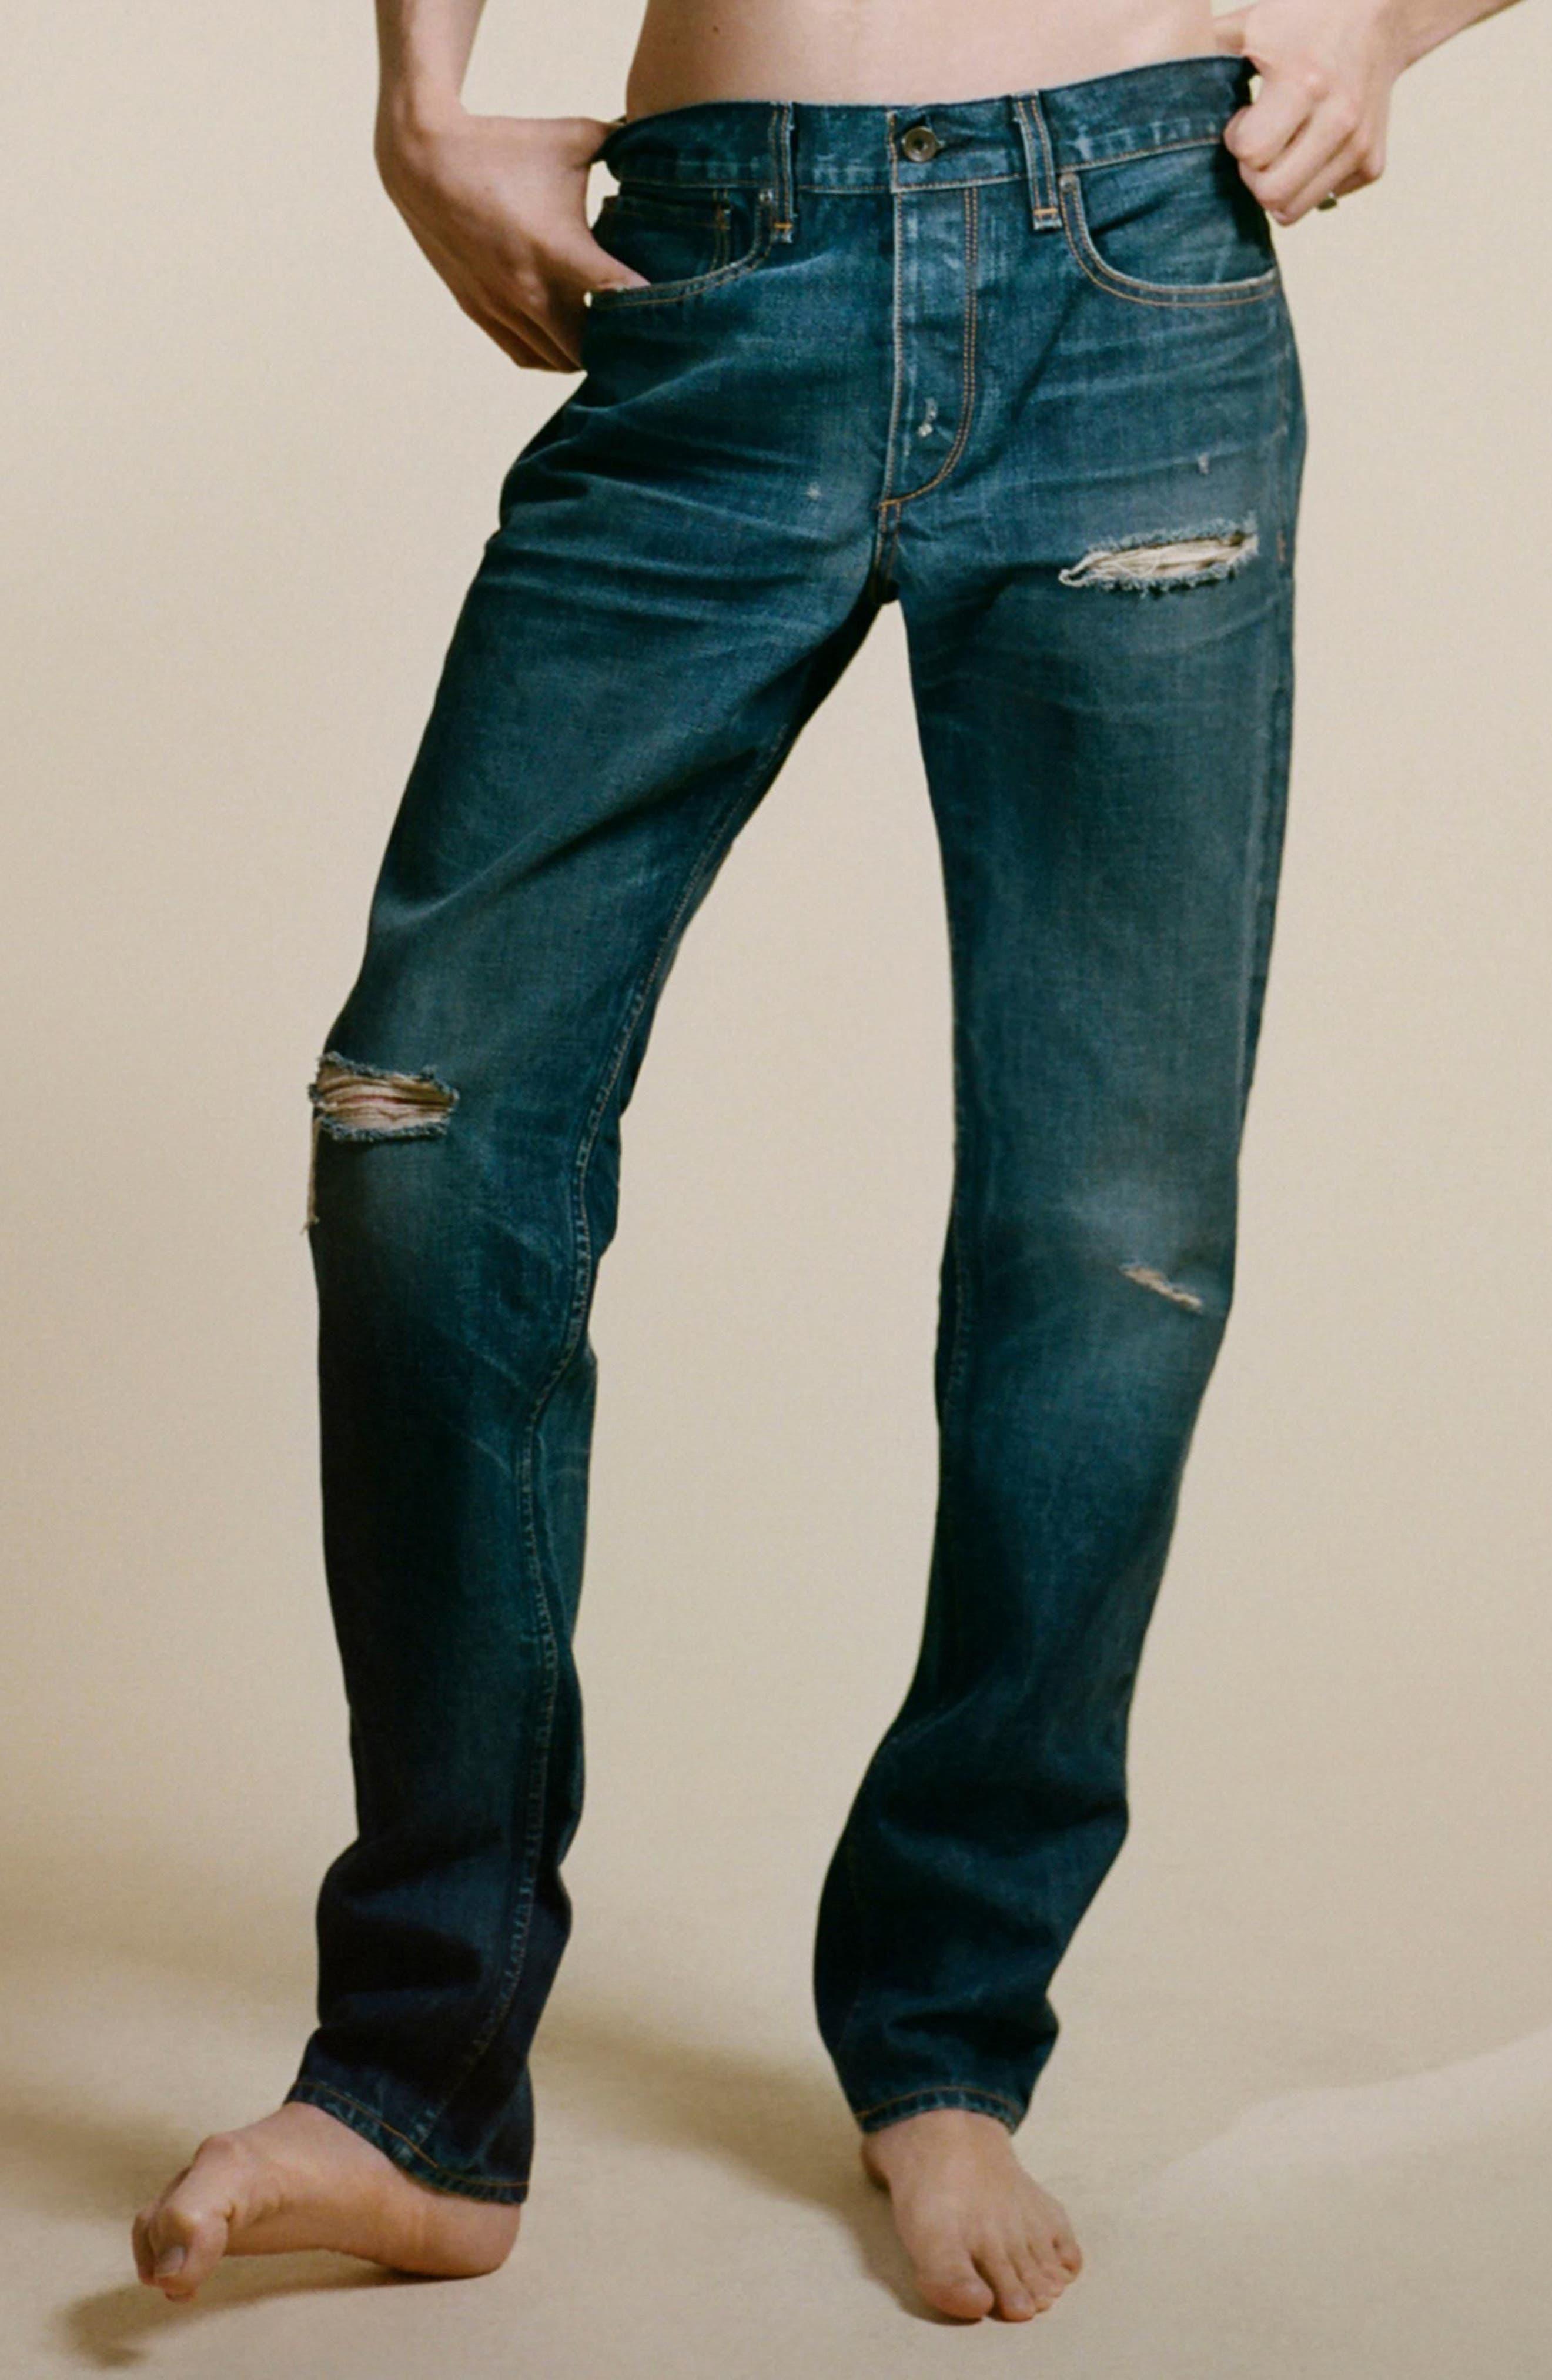 Fit 2 Slim Fit Jeans,                             Alternate thumbnail 8, color,                             423